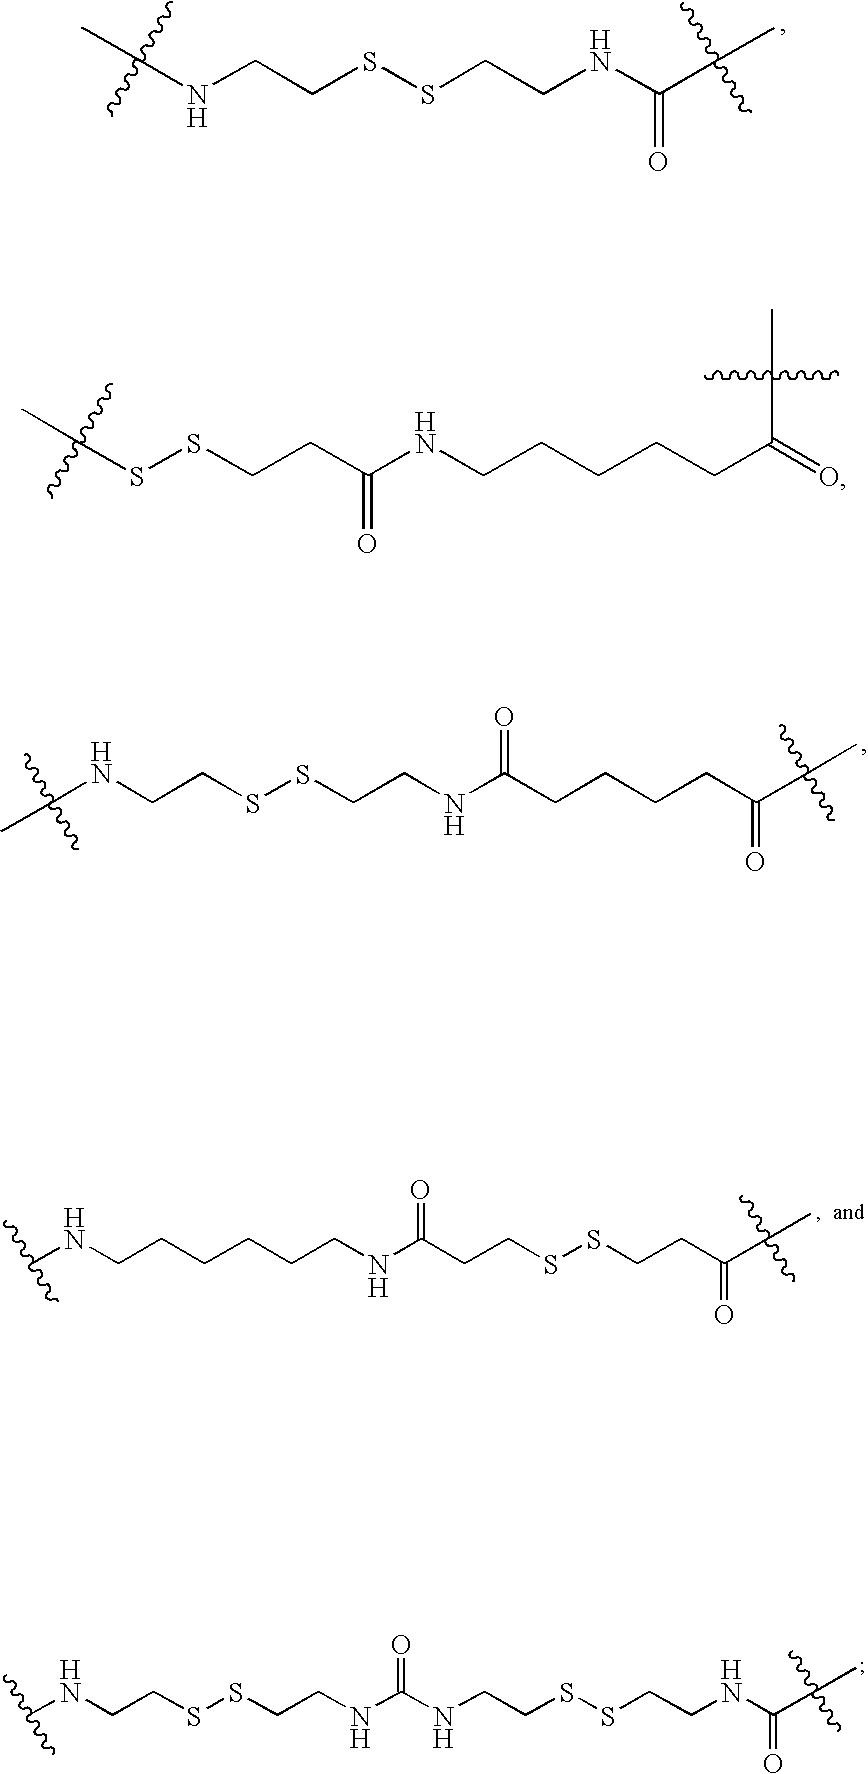 Figure US07723509-20100525-C00059